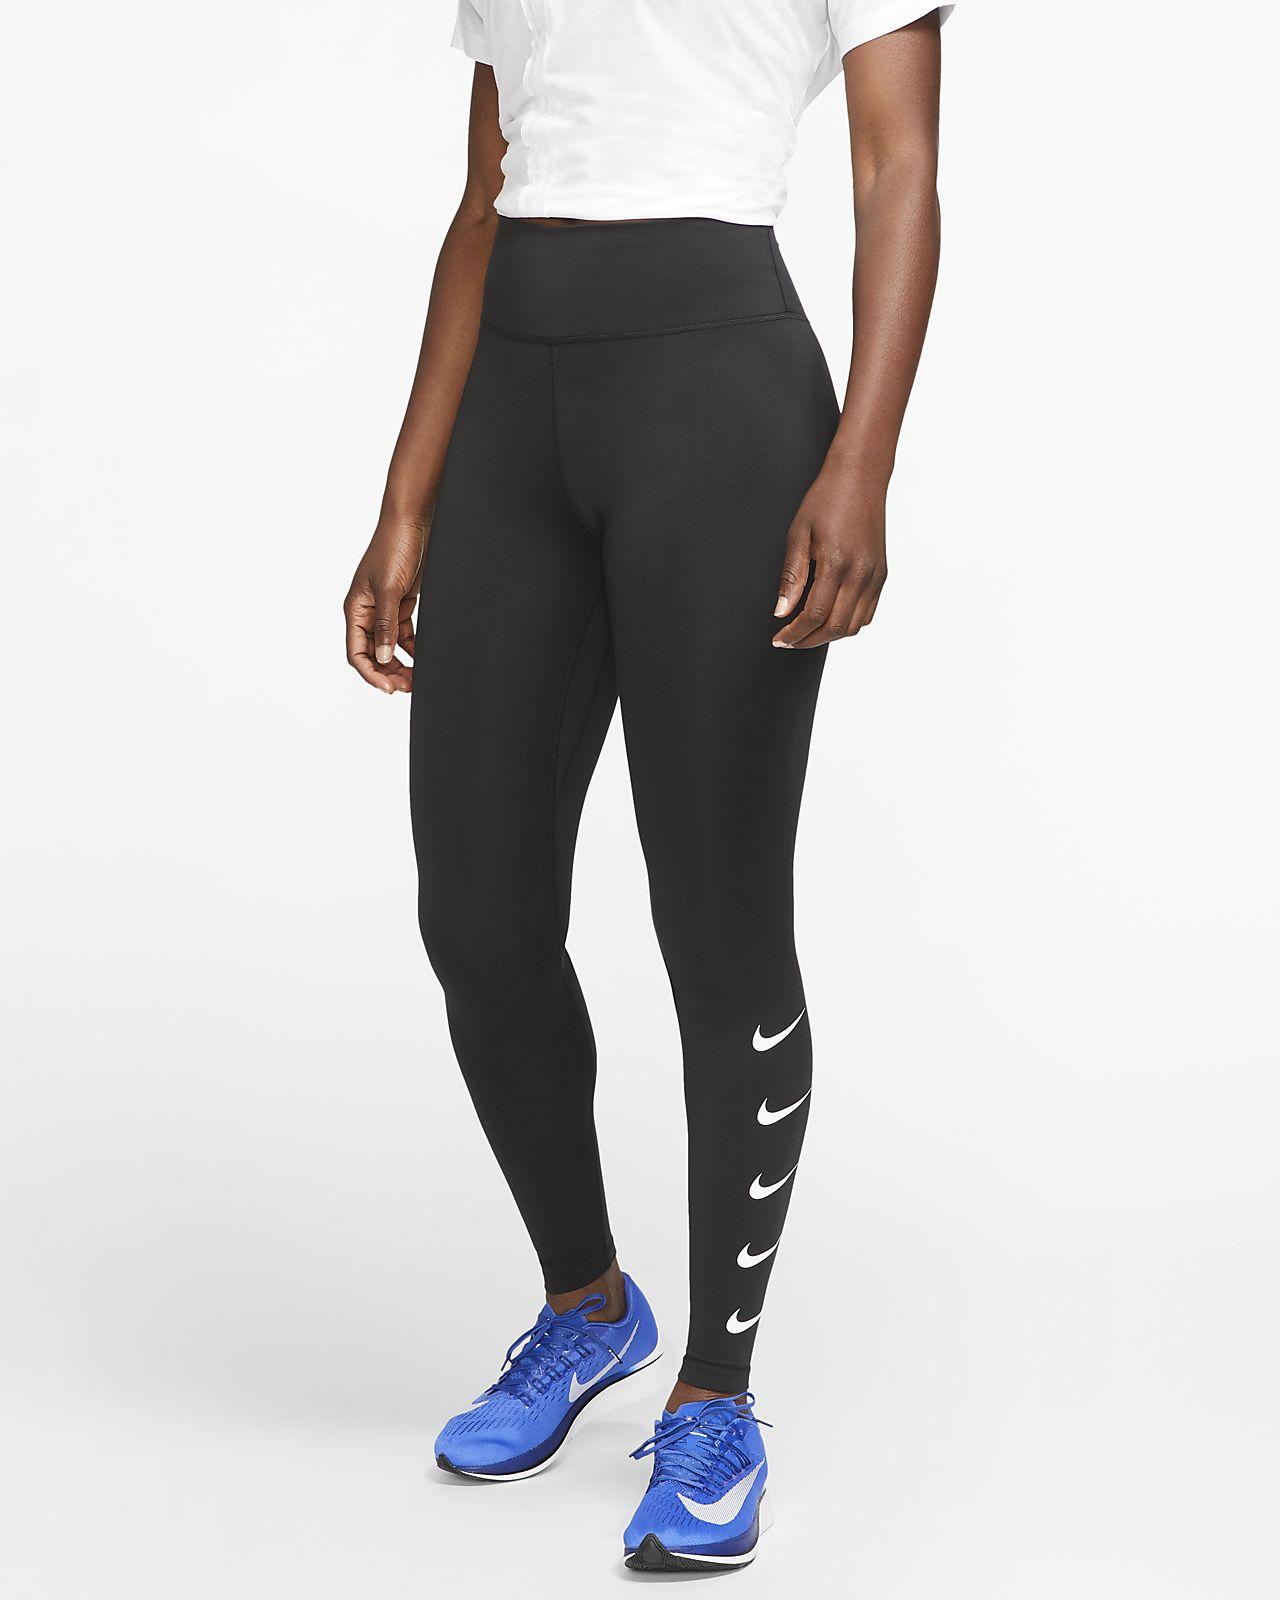 Löpartights Nike Swoosh för kvinnor